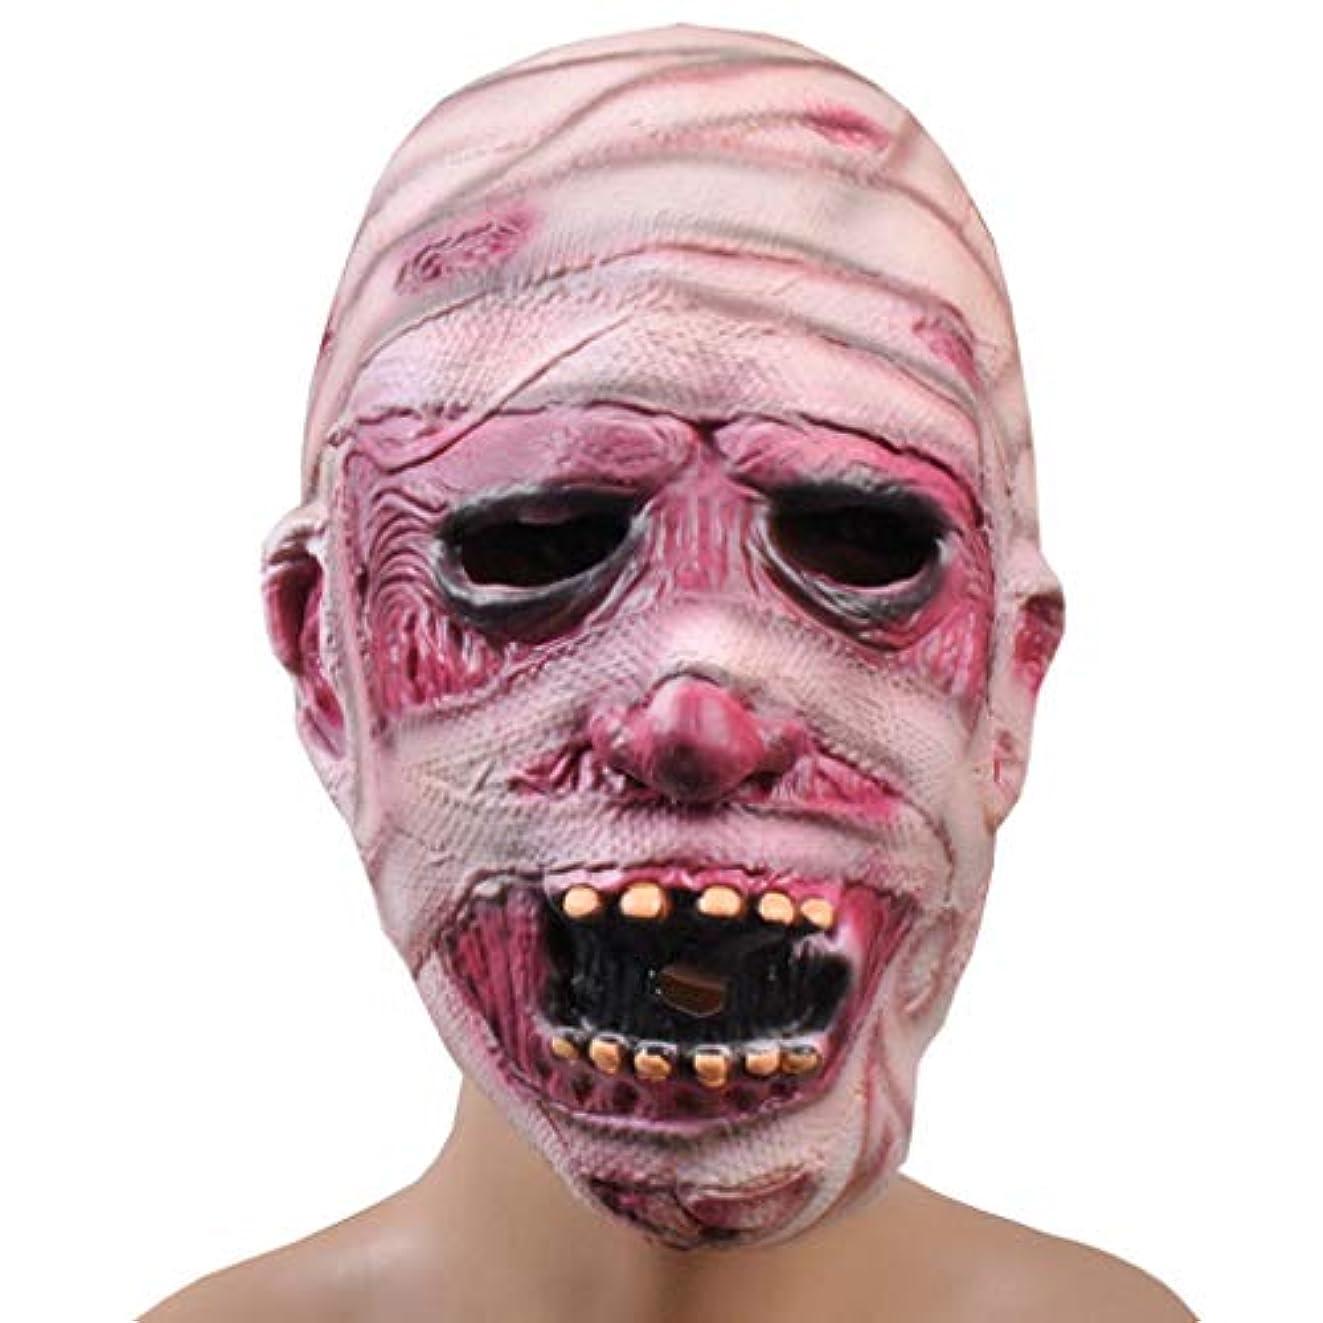 歌手愛されし者香水ハロウィンホラーしかめっ面マスクゴーストフェスティバルラテックスマスクホラー怖いマスクゴーストゾンビミイラマスク (Color : A)